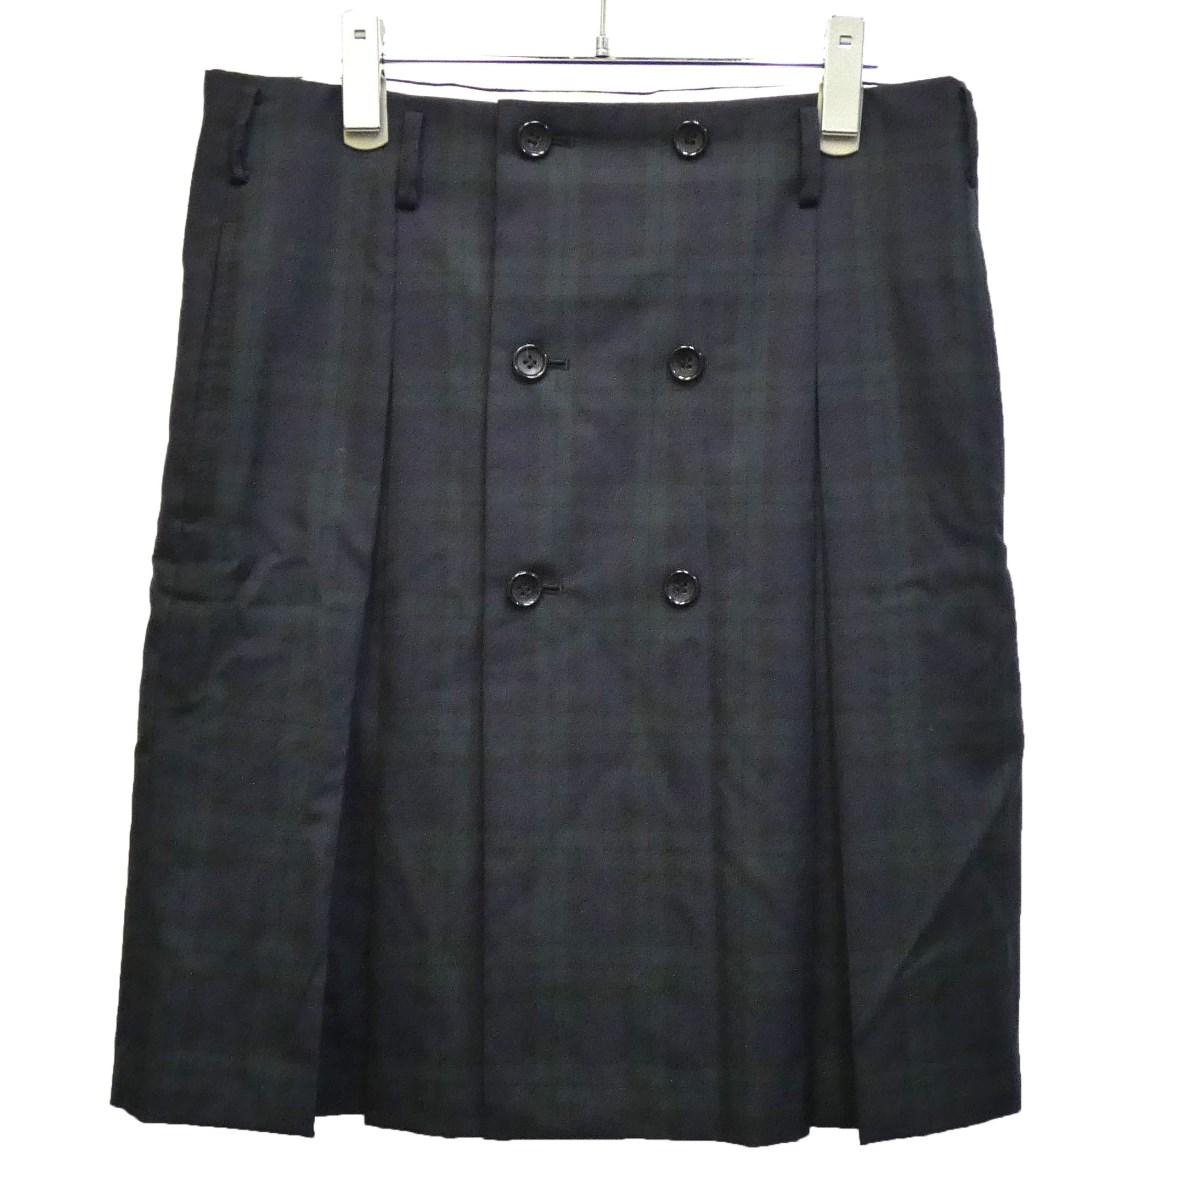 【中古】COMME des GARCONS HOMME PLUS 2011SS チェックスカート ブラック×グリーン サイズ:XS 【110320】(コムデギャルソンオムプリュス)